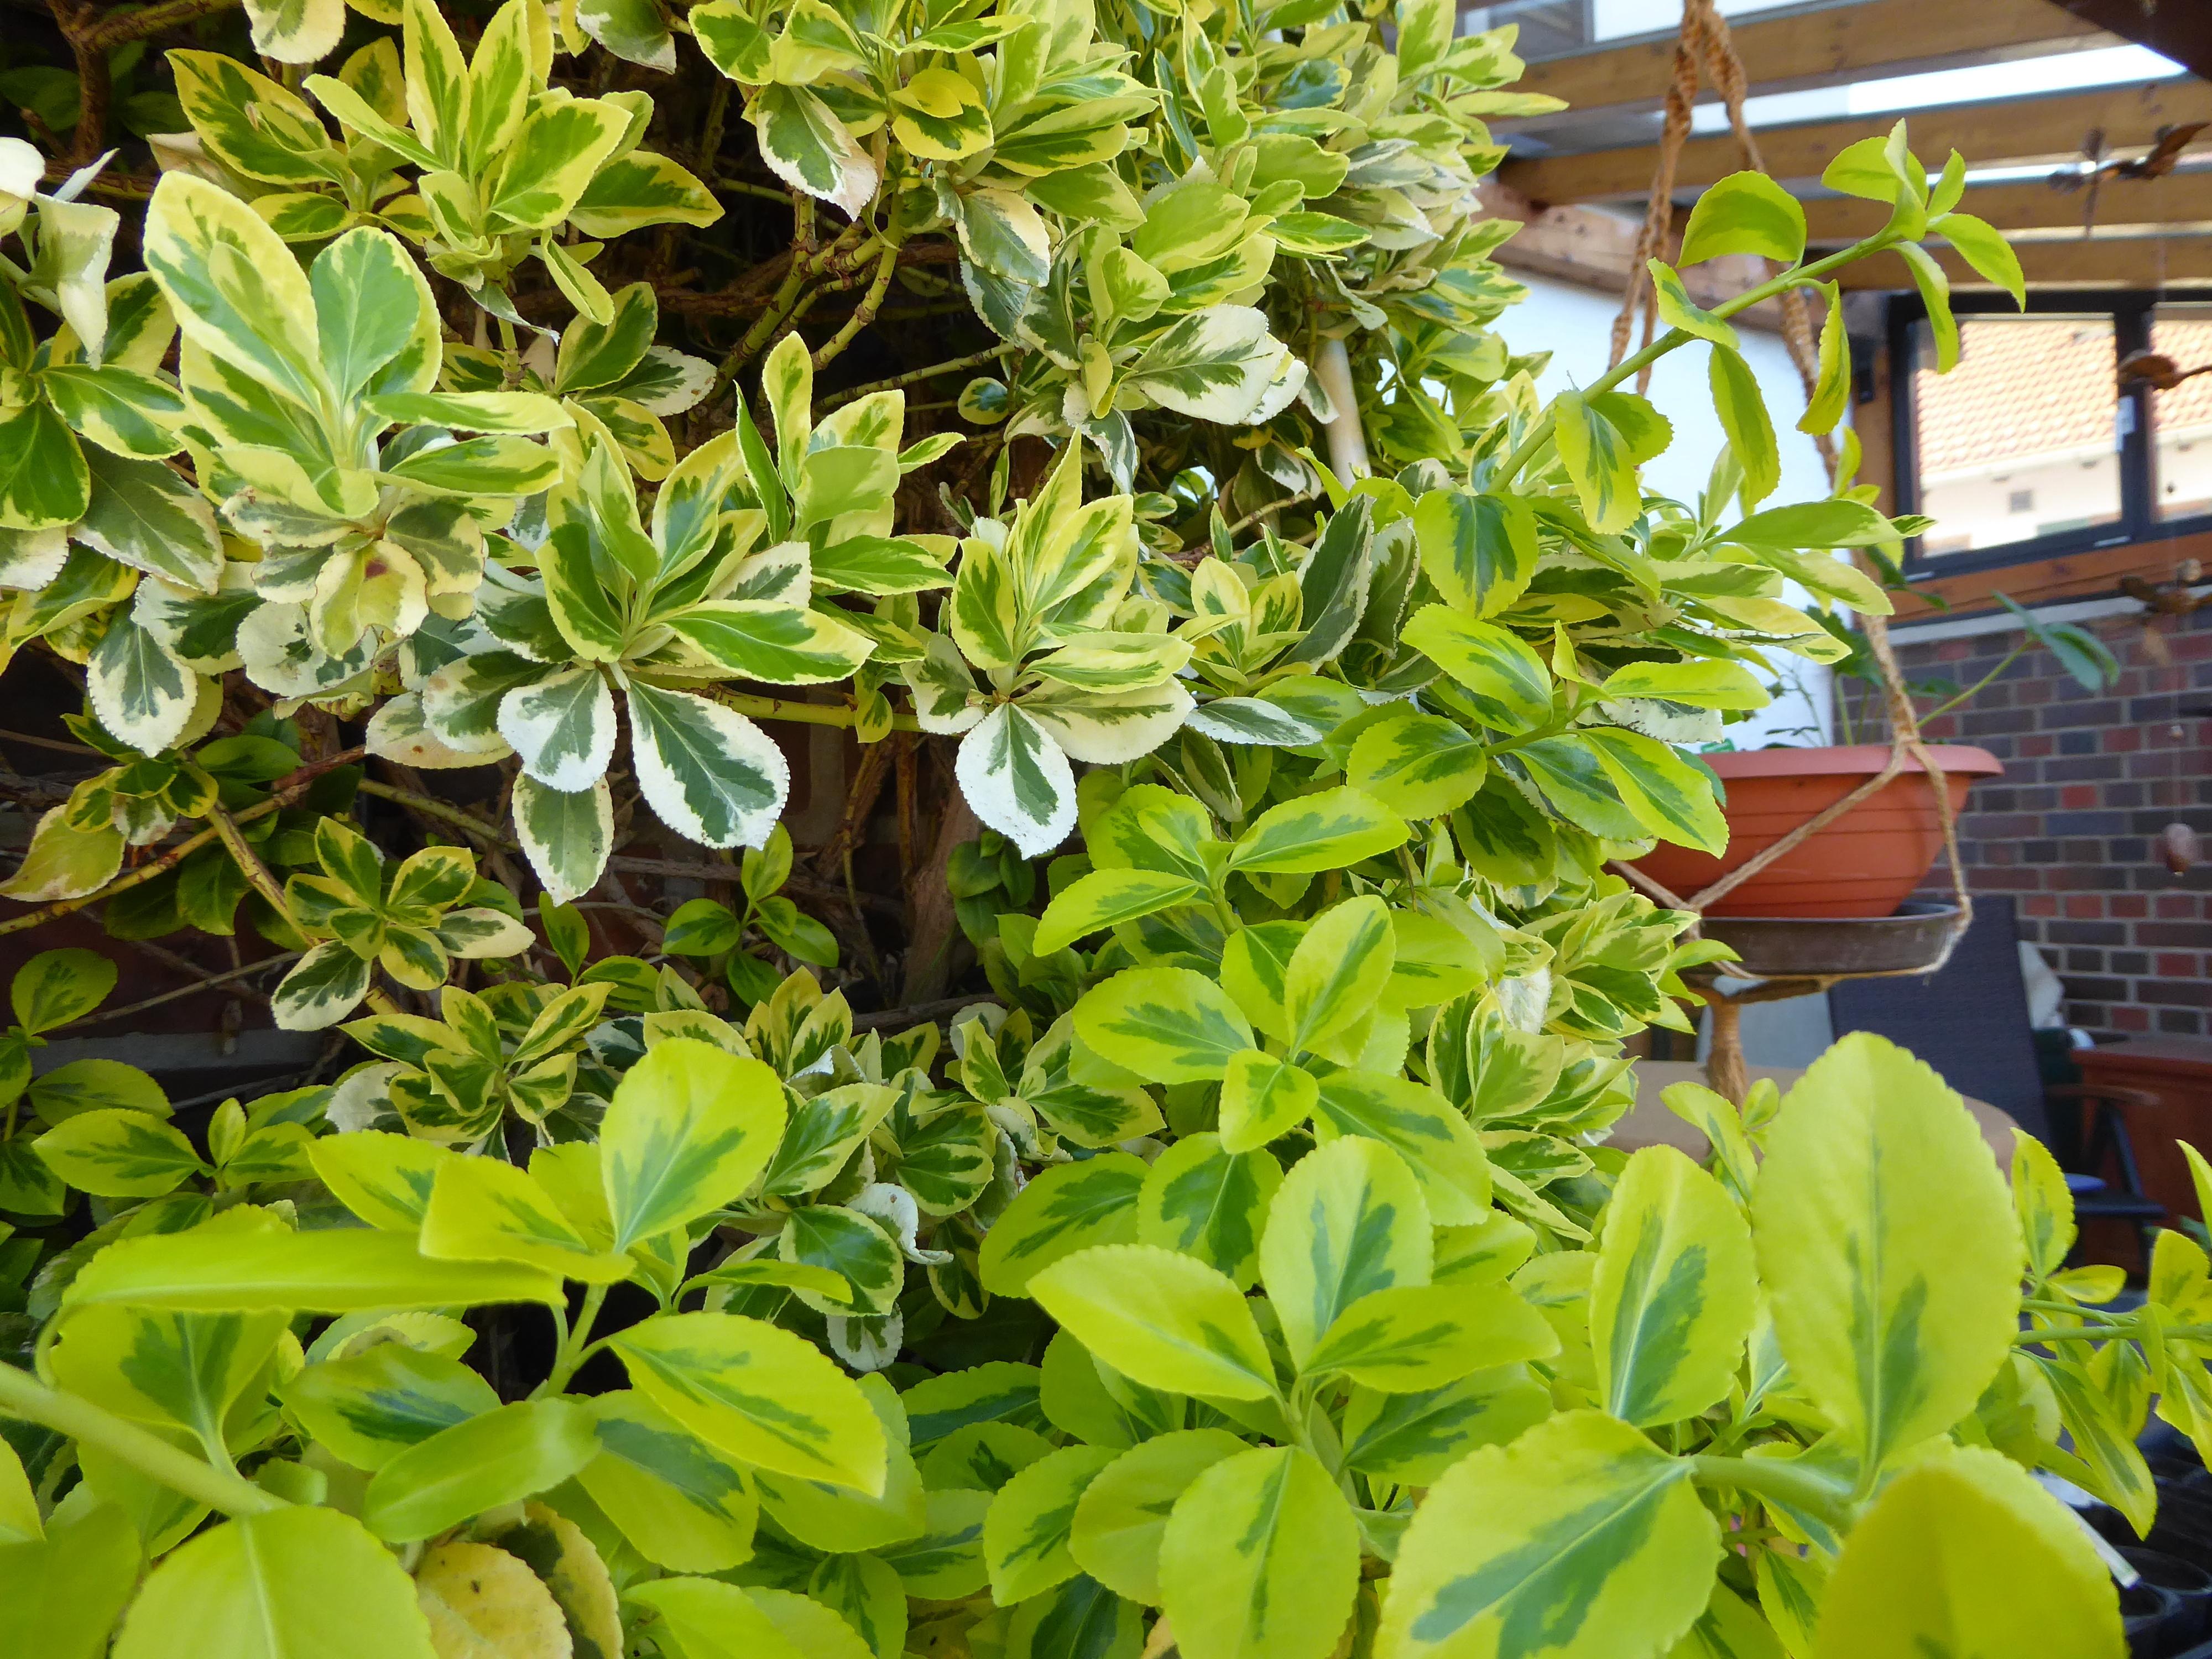 Schöne Kletterpflanzen wer kennt diese schöne kletterpflanze wer weiss was de